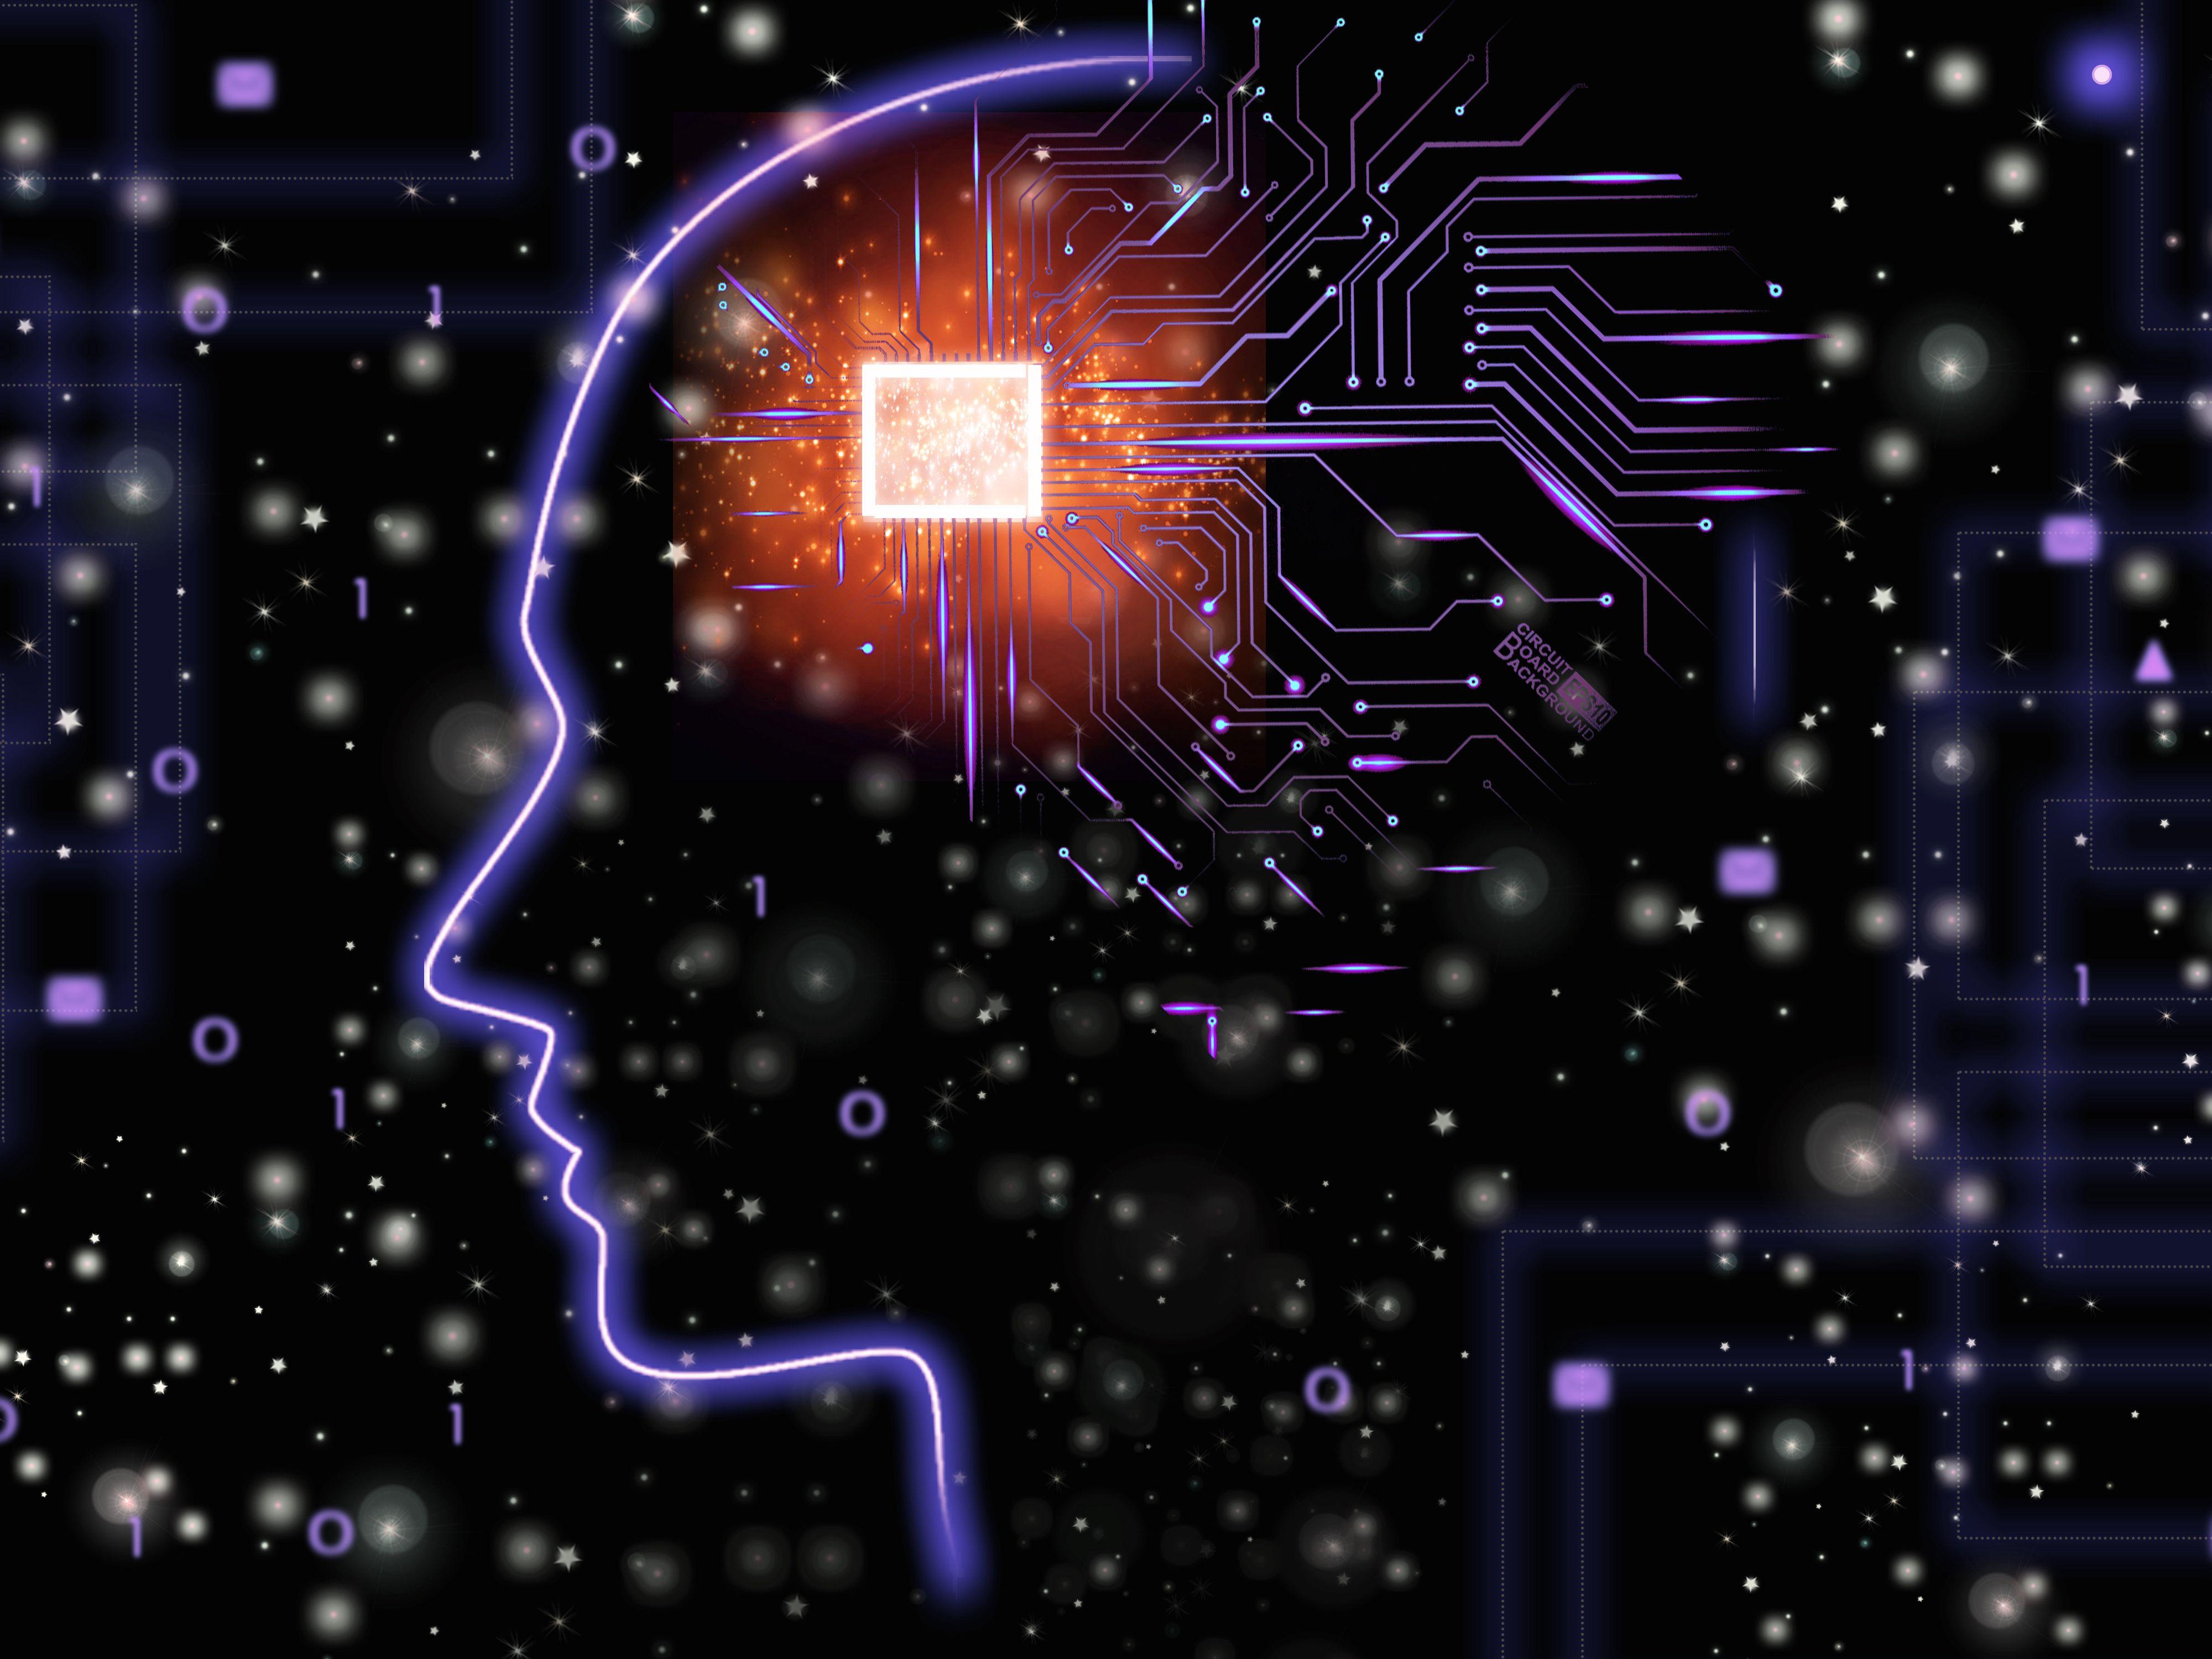 【3.23 14:00】易欢欢:新时代的科技经济学—科技创新与企业转型